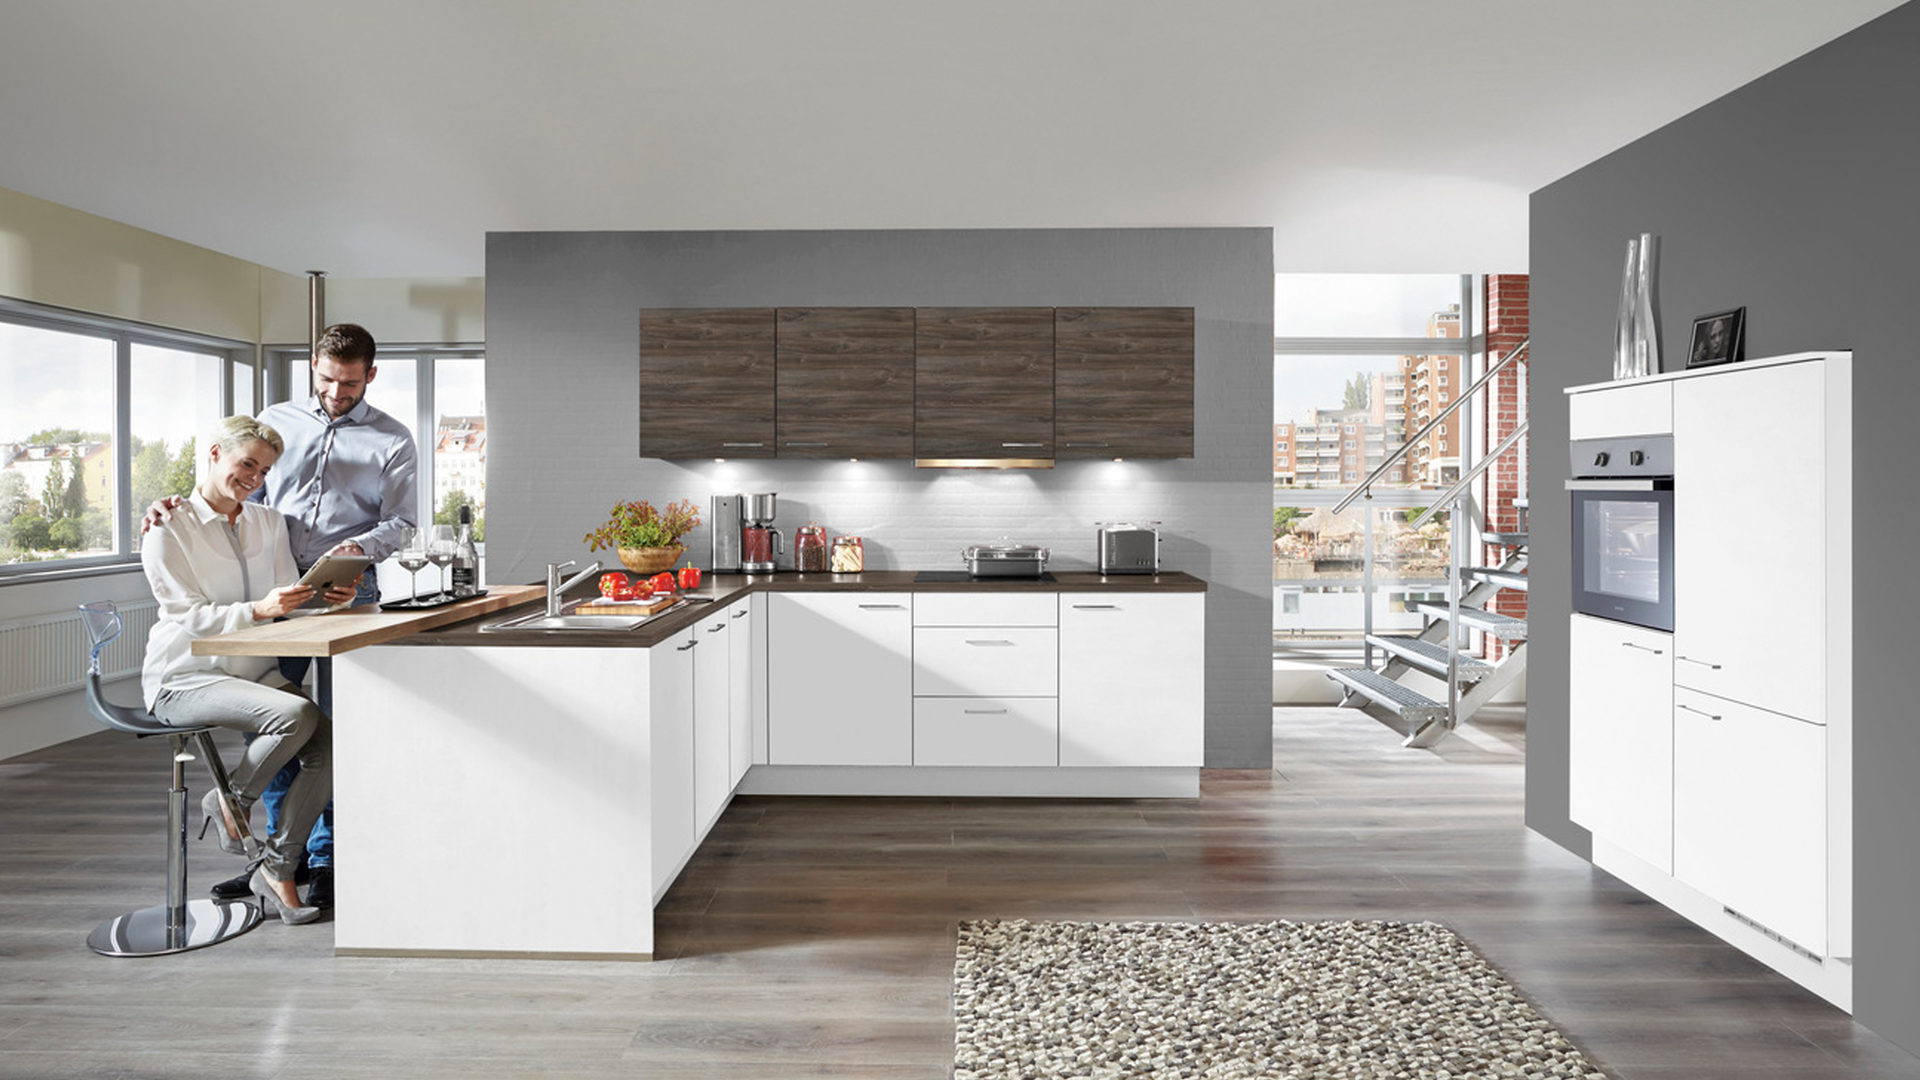 Großzügig Küche Und Bad Design Rich Va Bilder - Ideen Für Die Küche ...